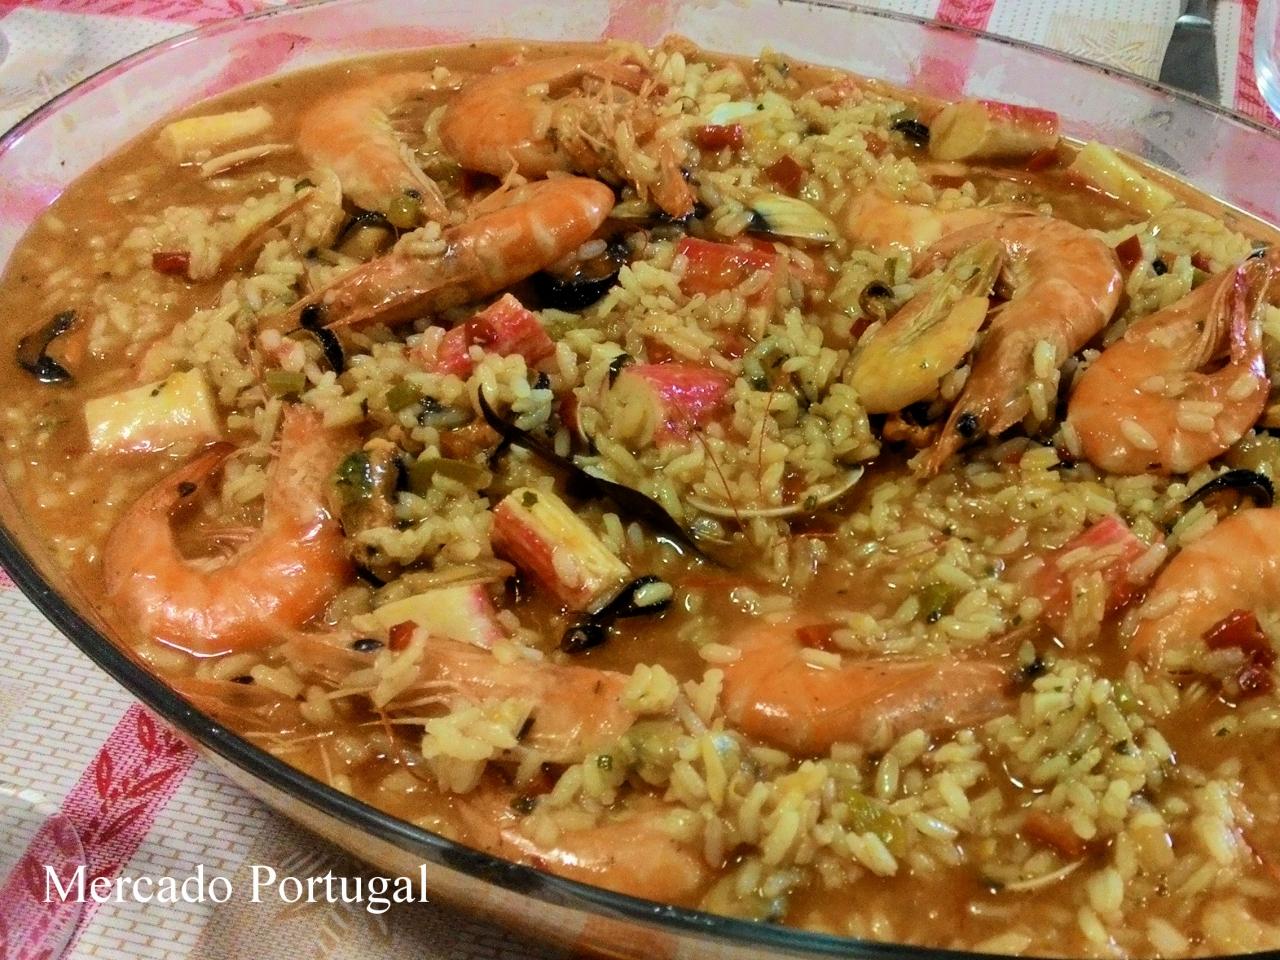 私が大好きな海鮮リゾット(アローズ・デ・マリシュコArroz de marisco)